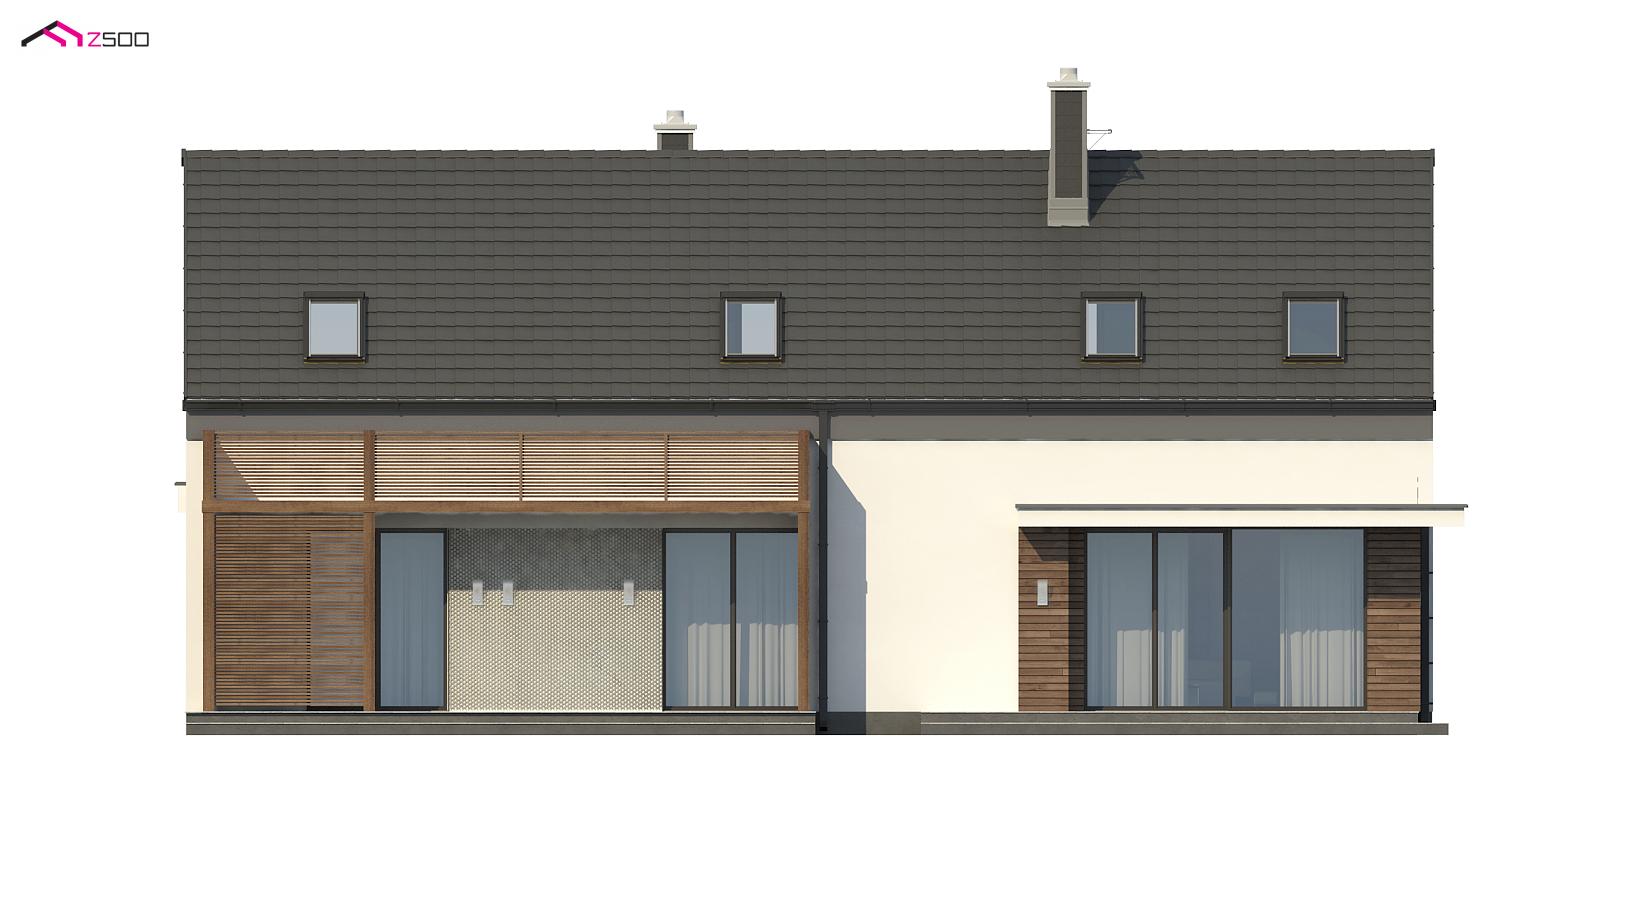 Projekt domu Z193 Dom dwurodzinny z osobnymi wejściami i ...